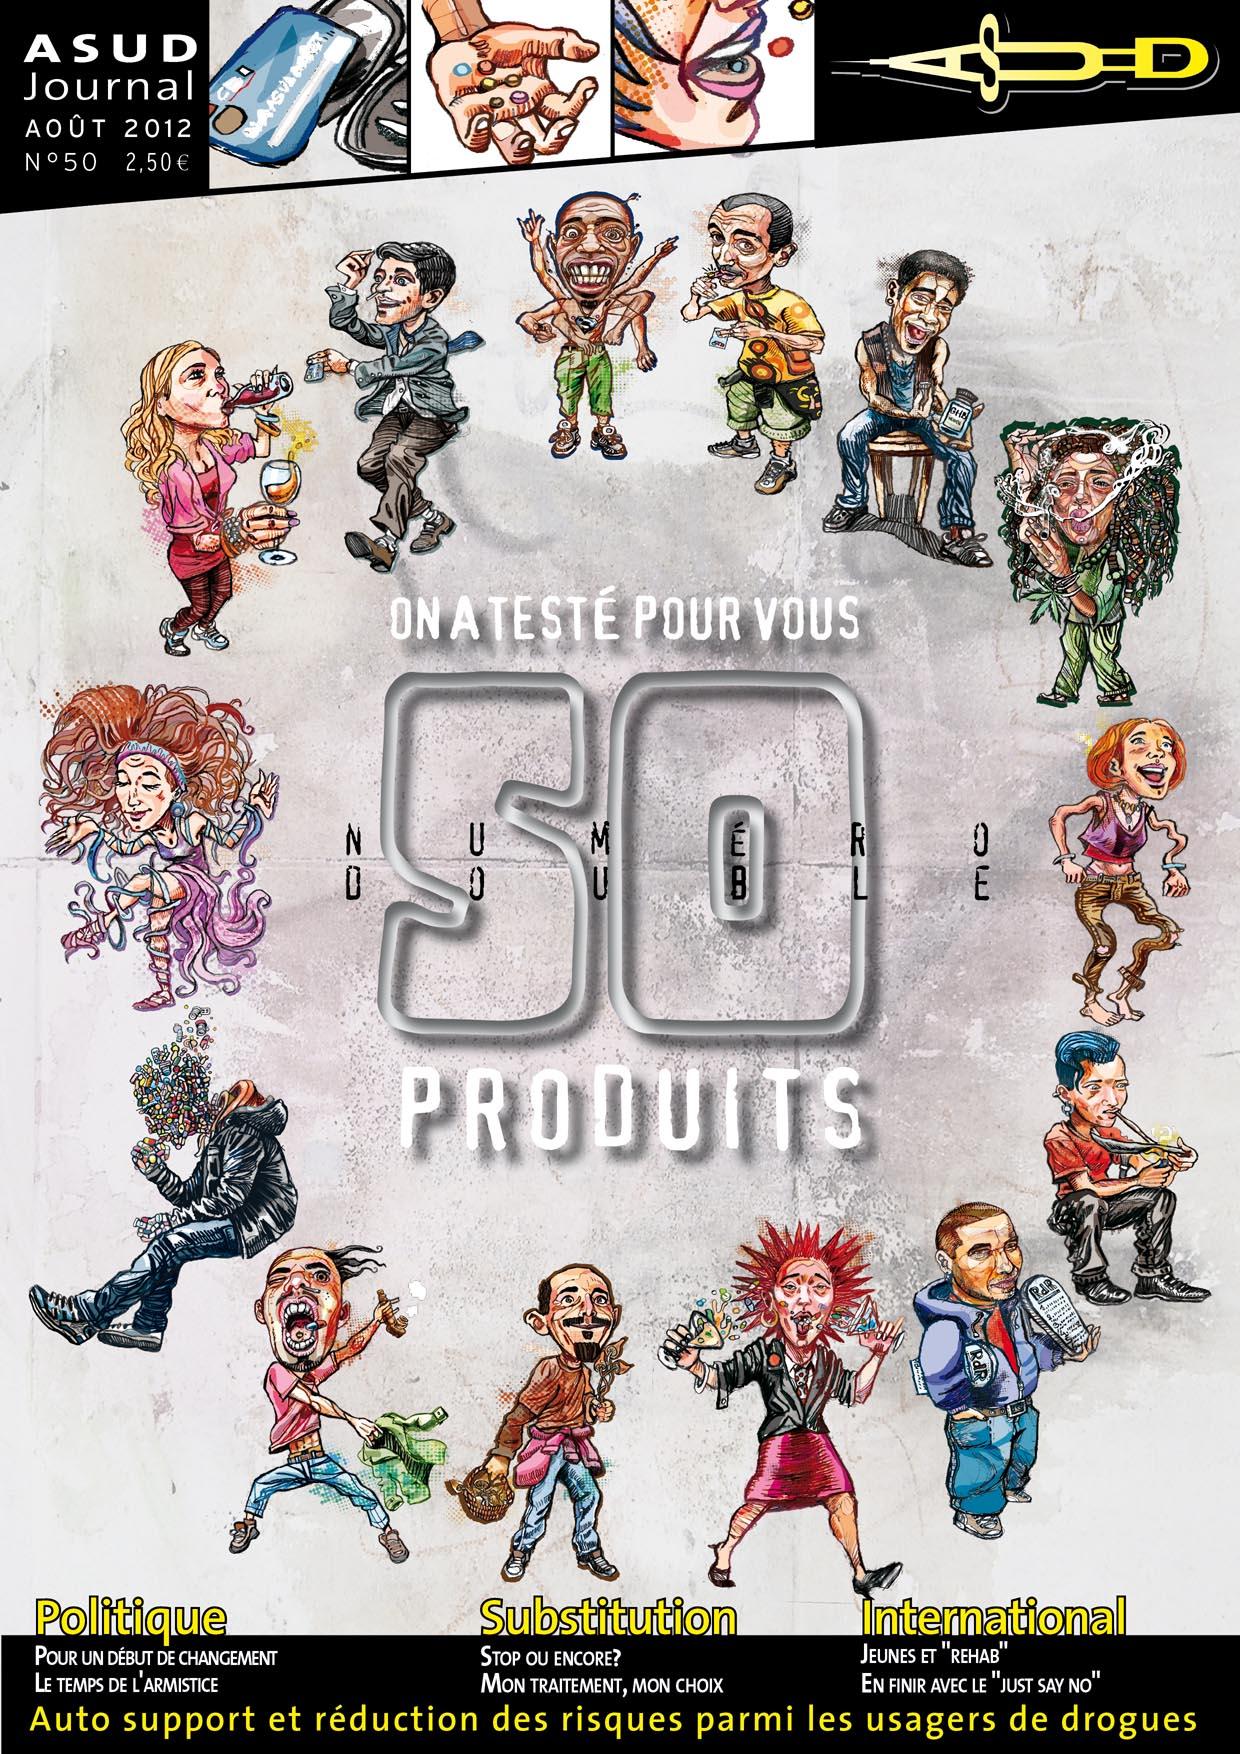 N°50 : On a testé pour vous 50 produits